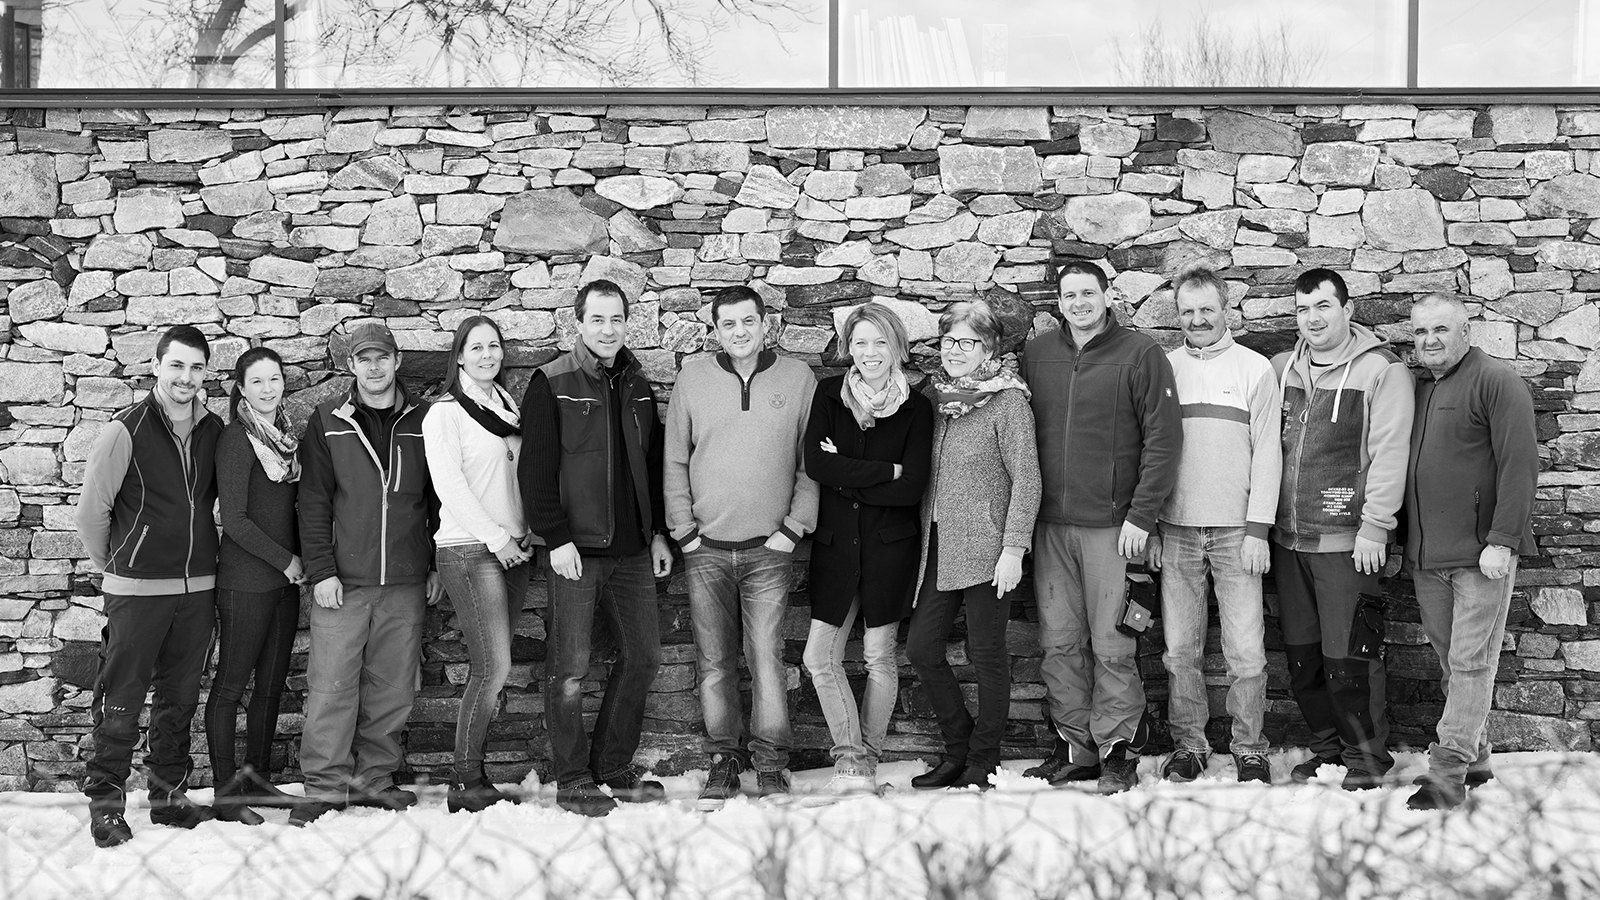 © Klaus Vyhnalek - Unsere Familie und unsere Mitarbeiter sind bereit für den Weinfrühling und die Tour de Vin